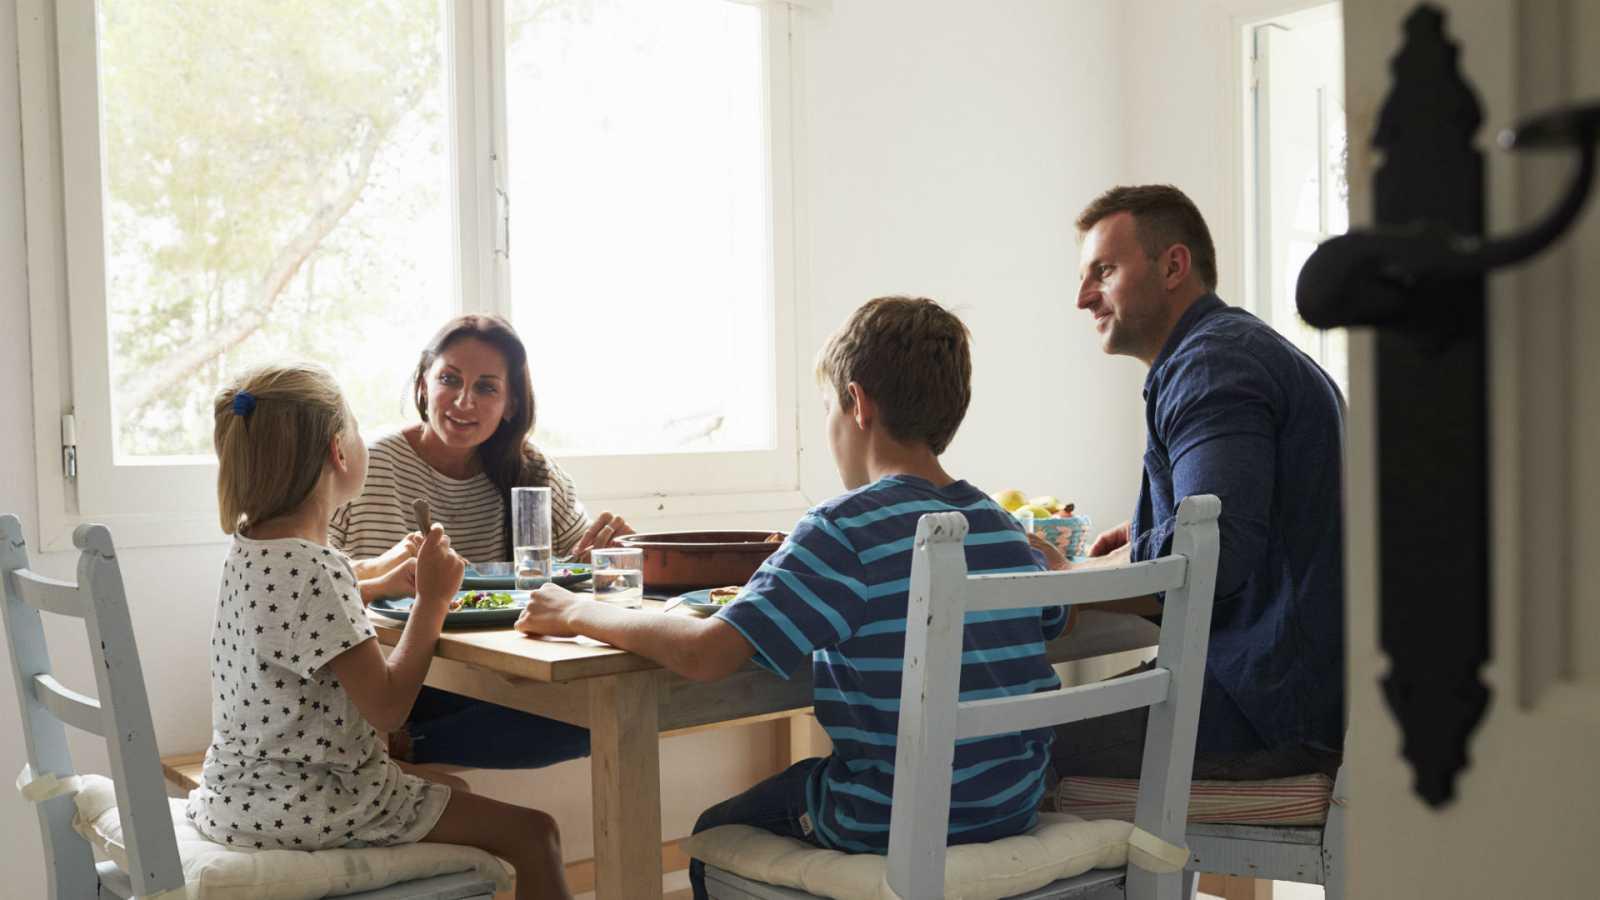 Compartir las tareas del hogar y cuidados ayudará a sobrellevar la cuarentena